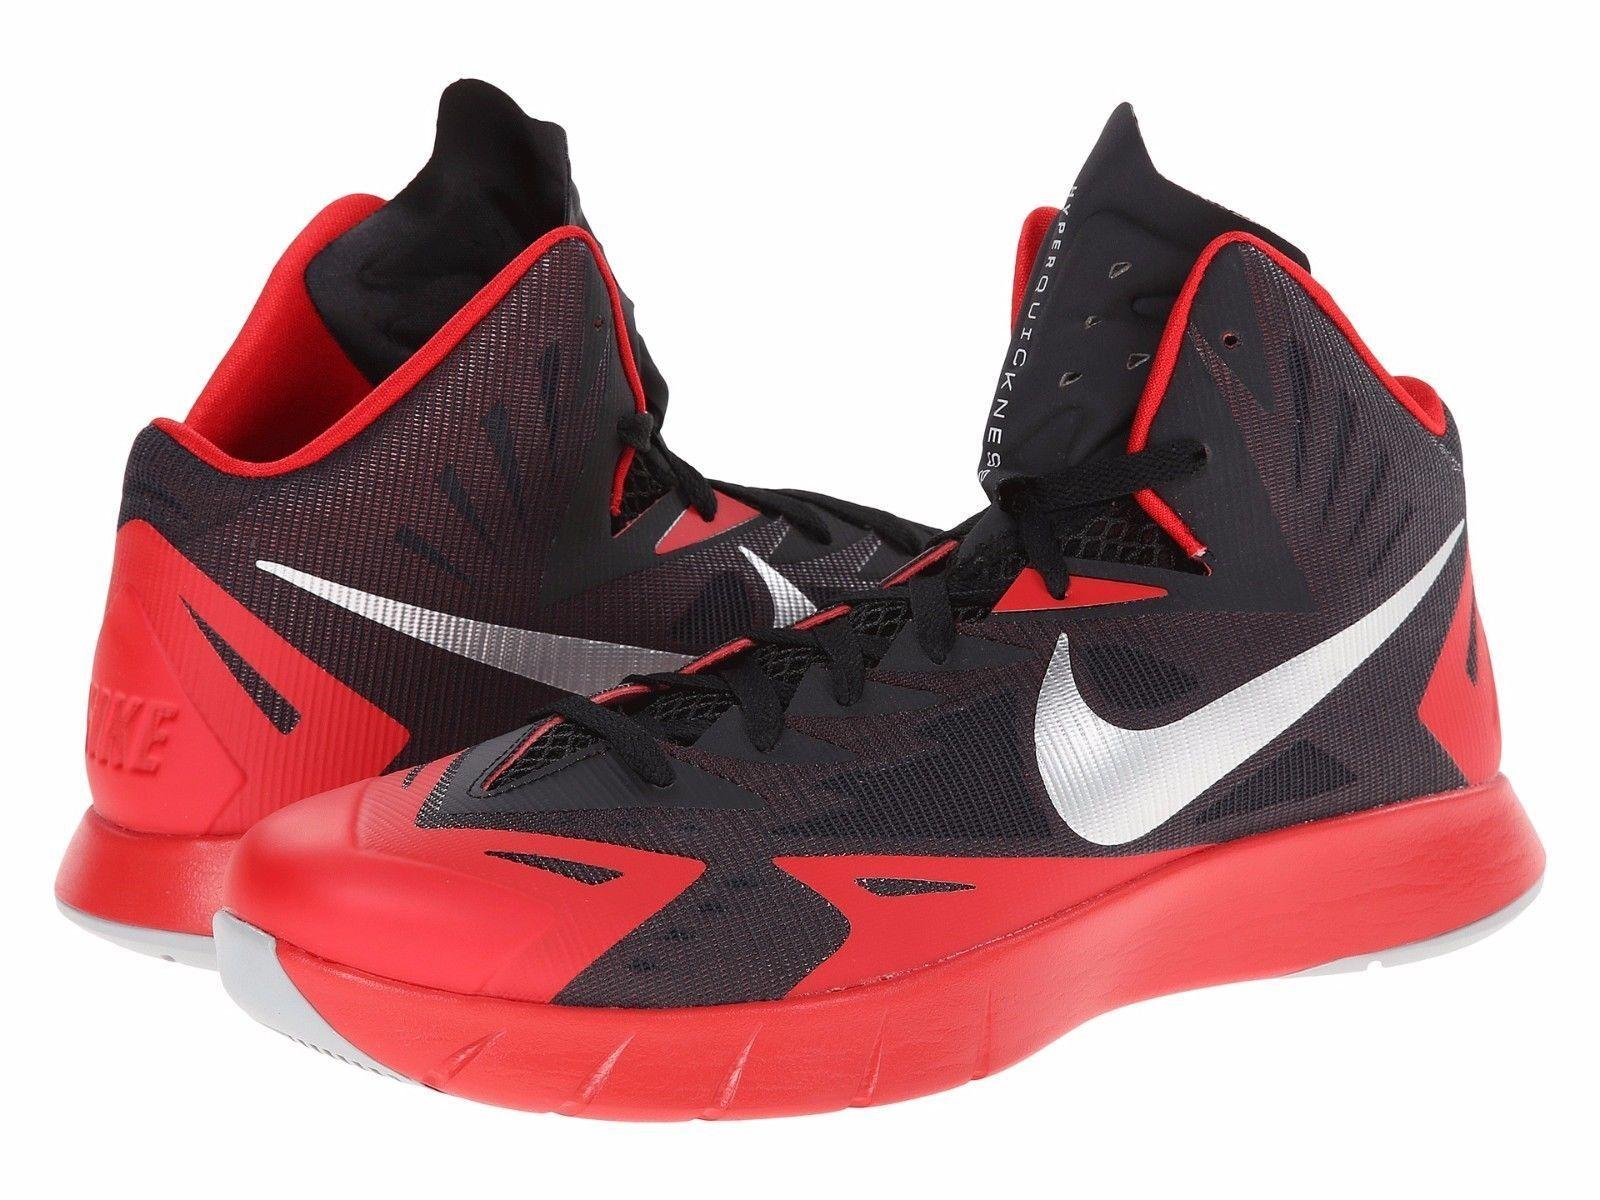 Nike hyperquickness lunare basket nuovi!652777 scarpa noi taglia 11 nuovi!652777 basket 006 b64977